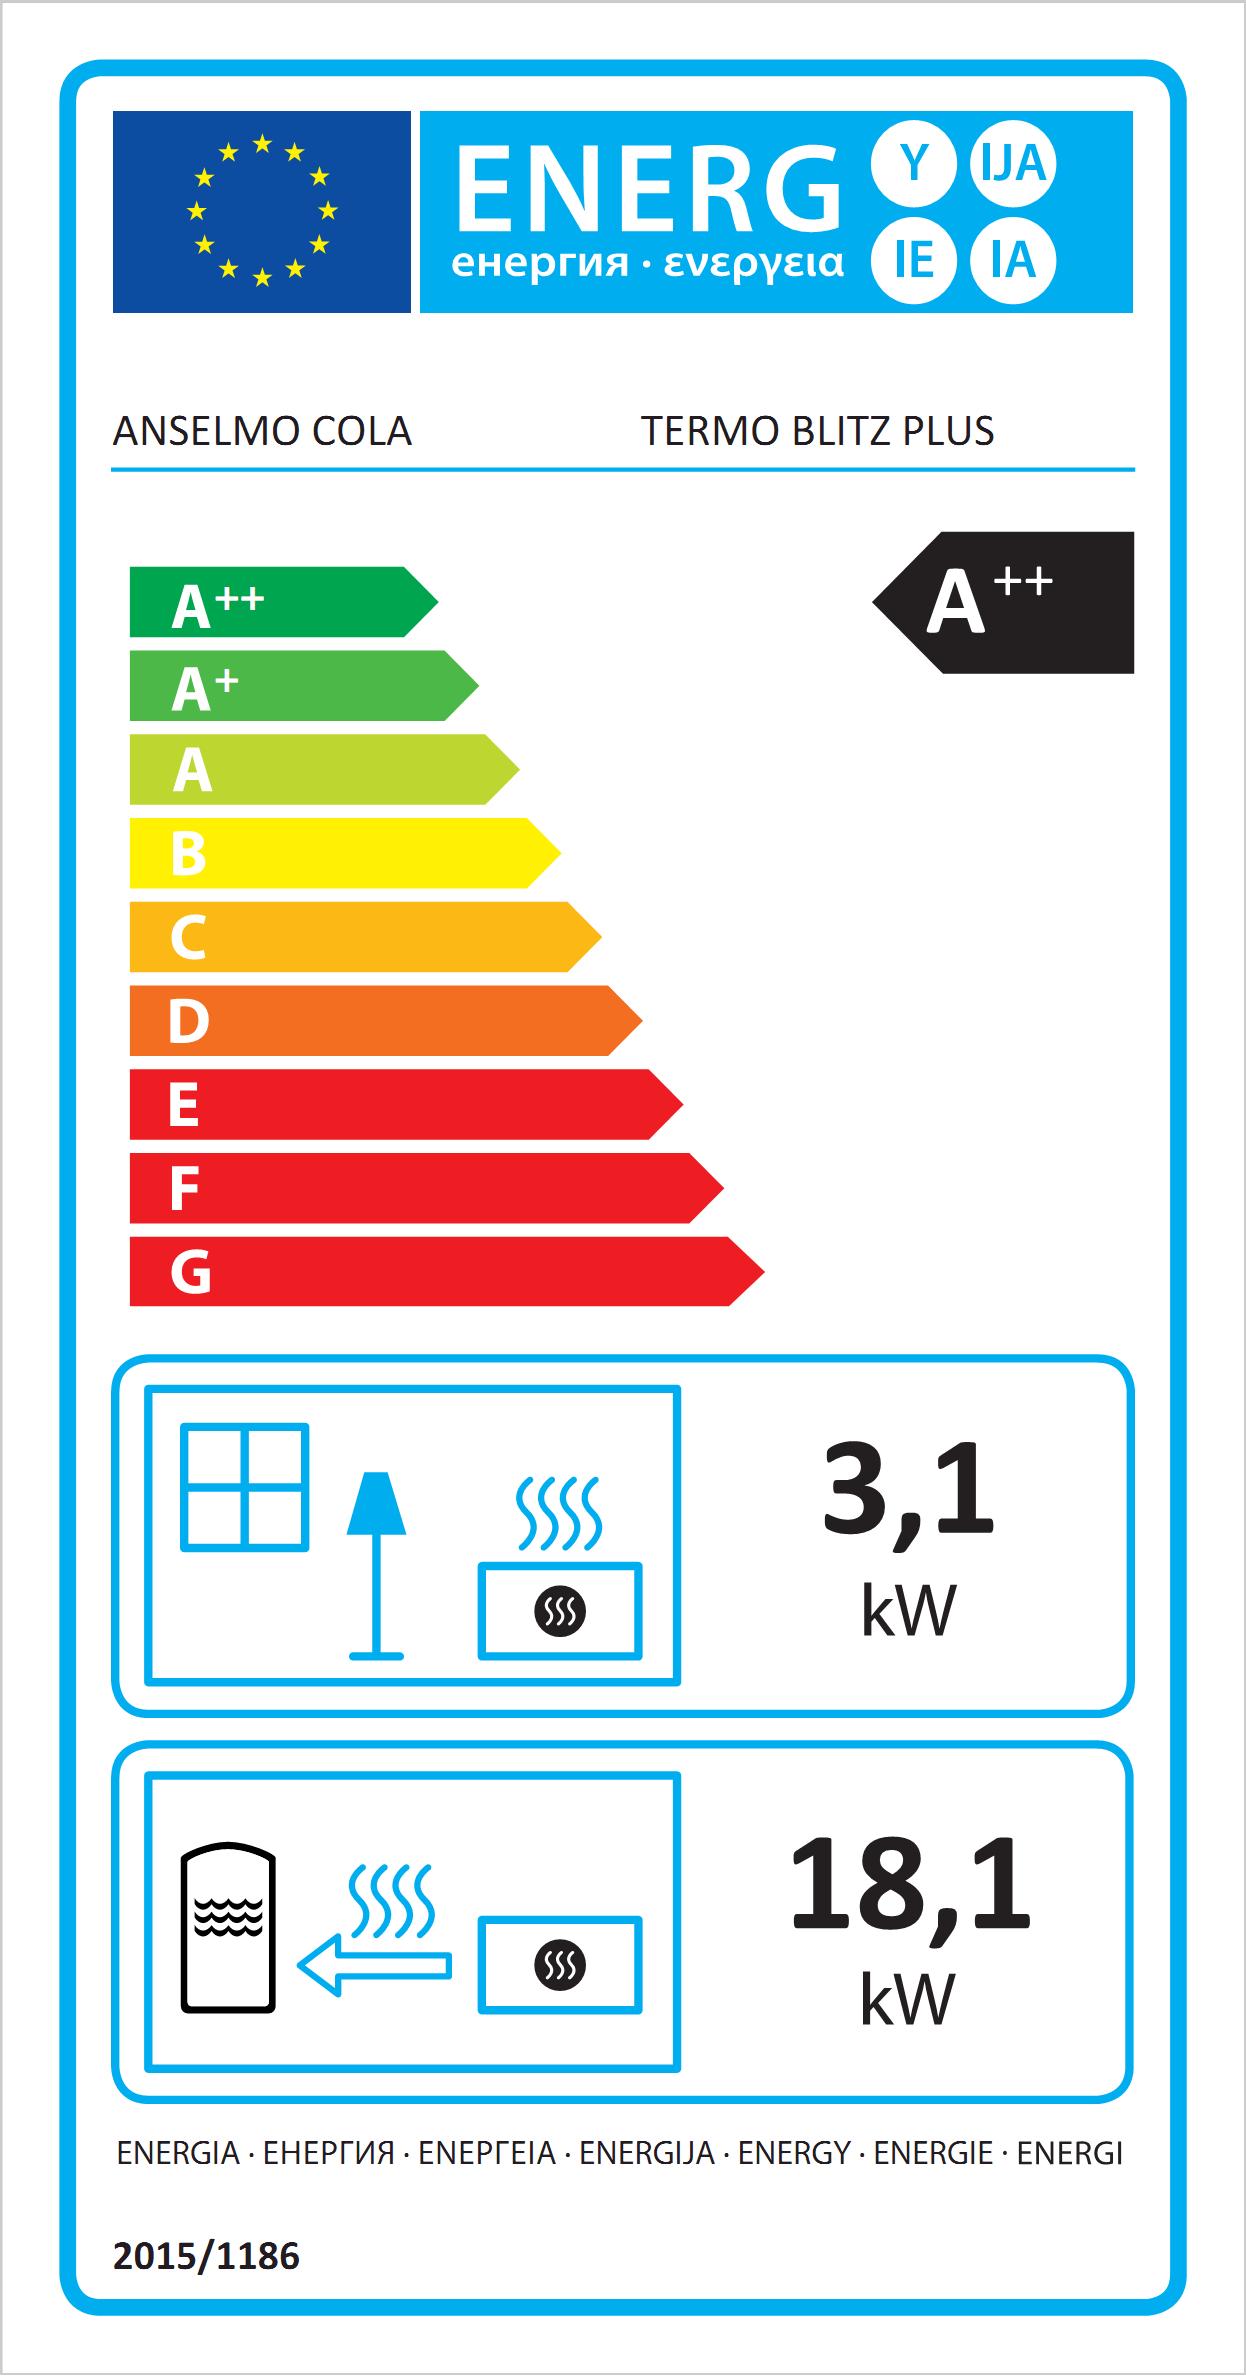 Termo Poele Blitz Plus Eco Label